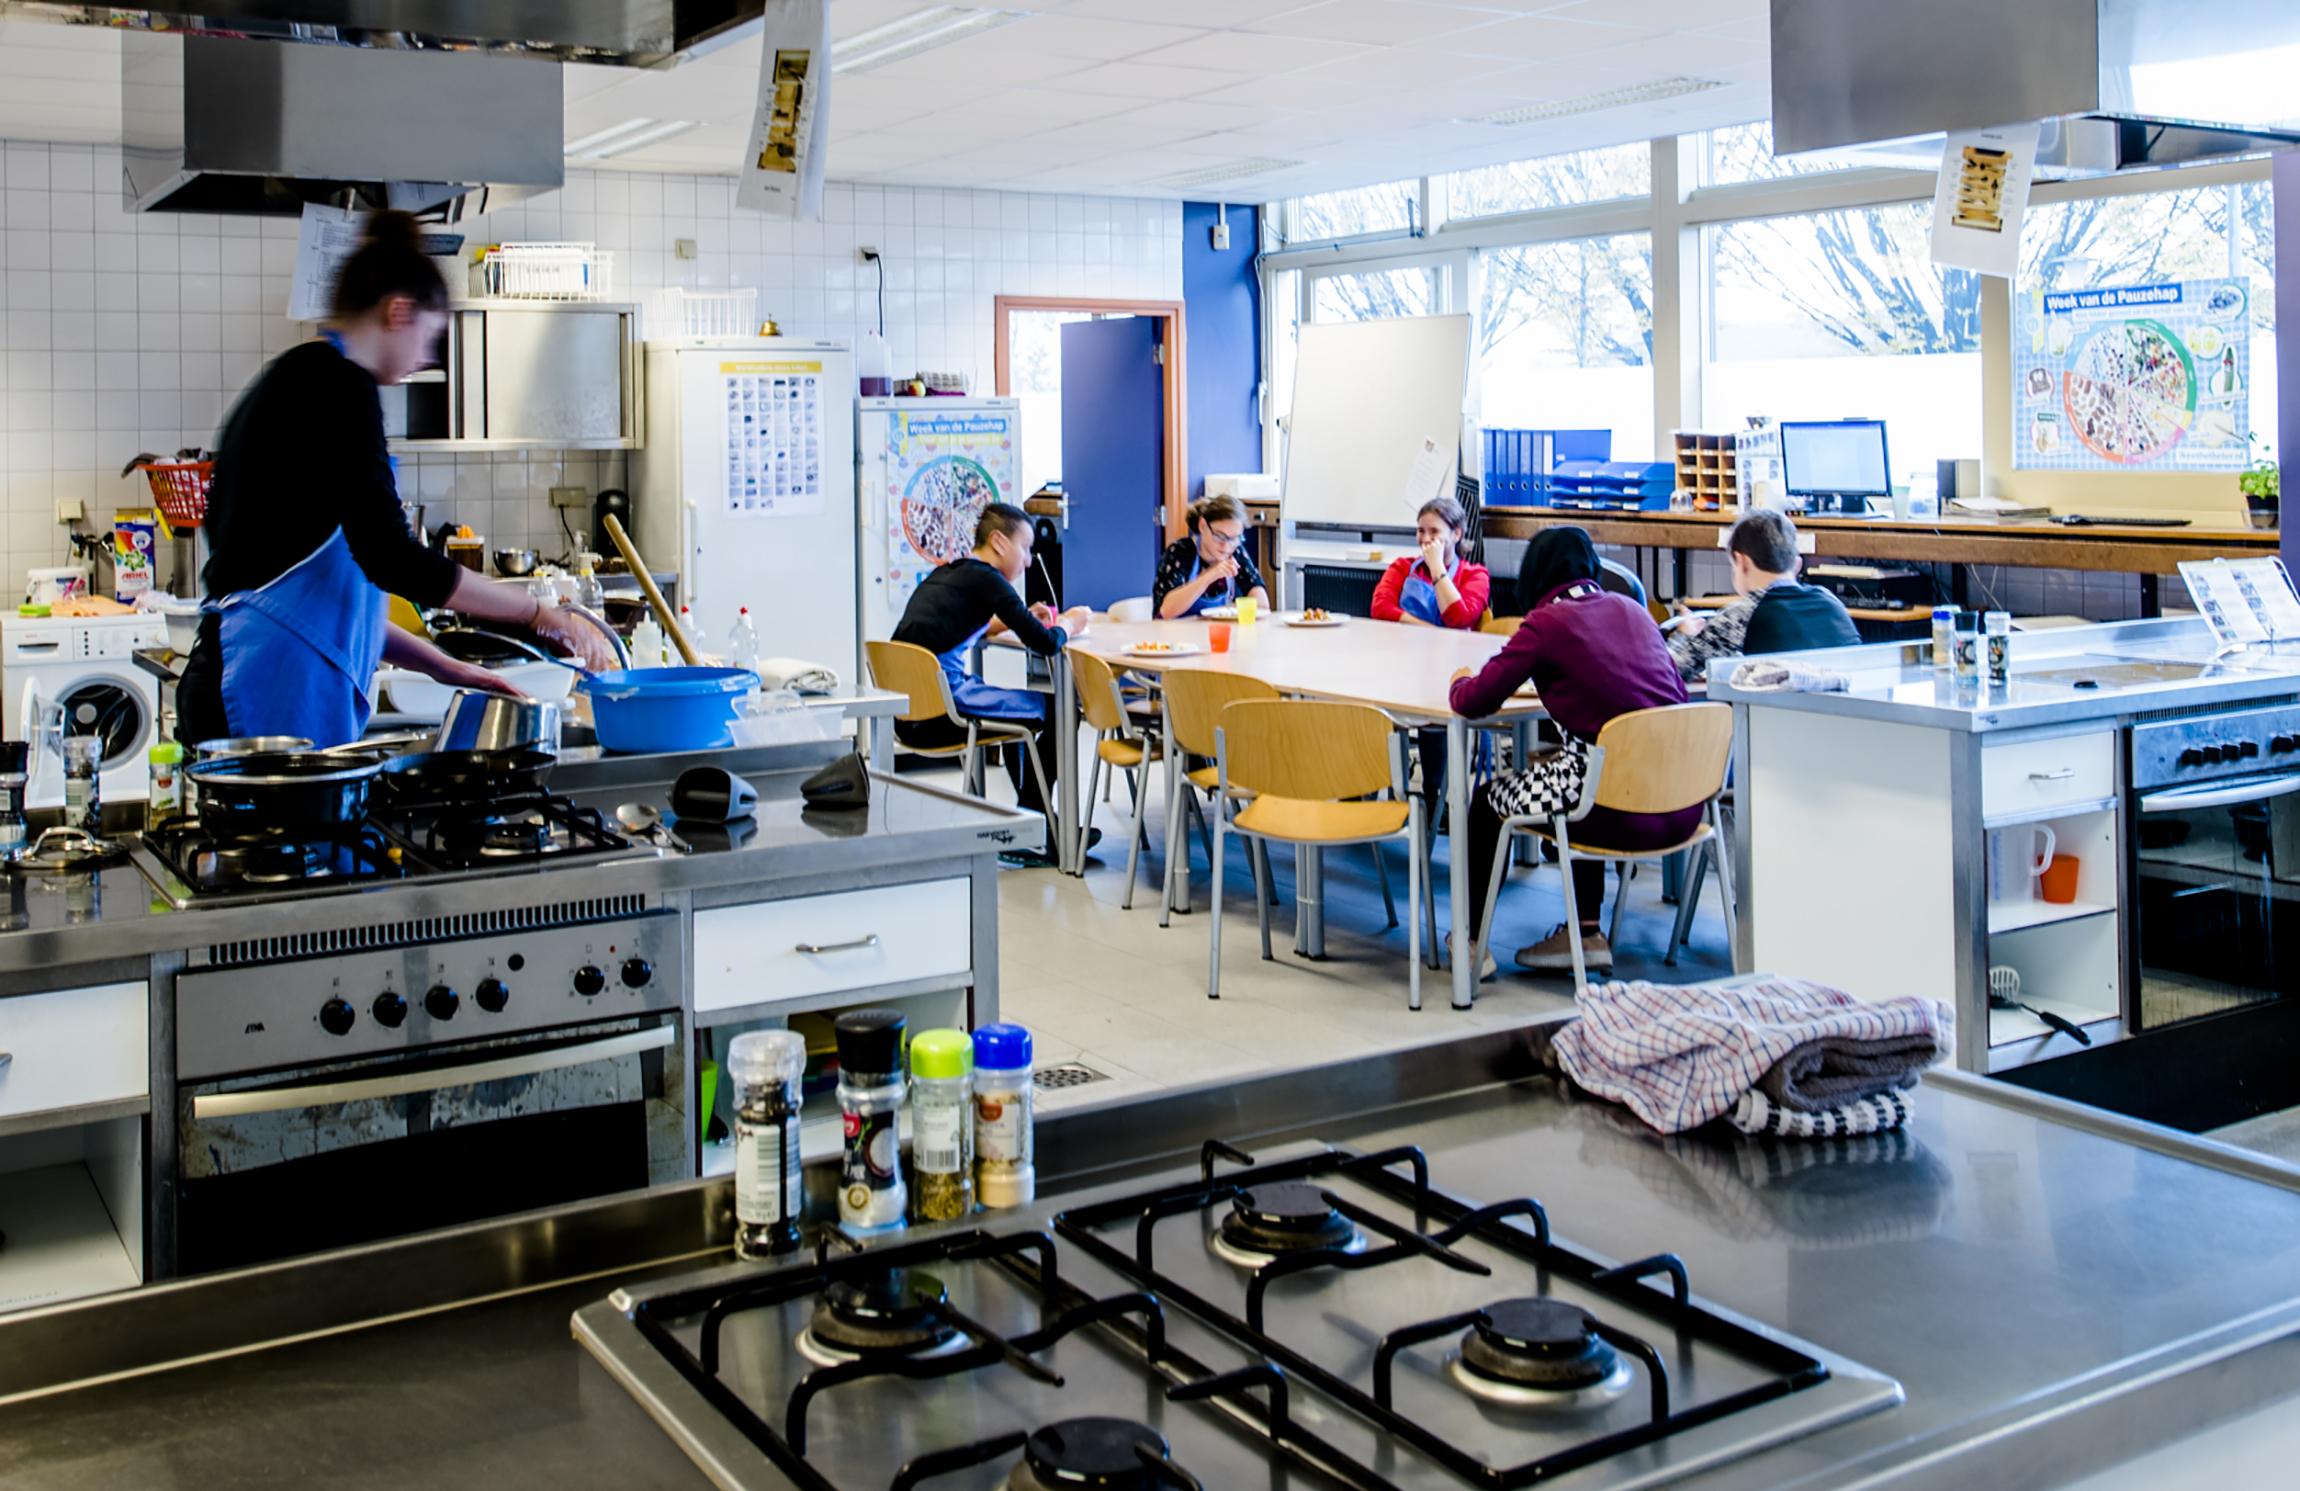 Foto van de keuken op de Praktijkschool Helmond